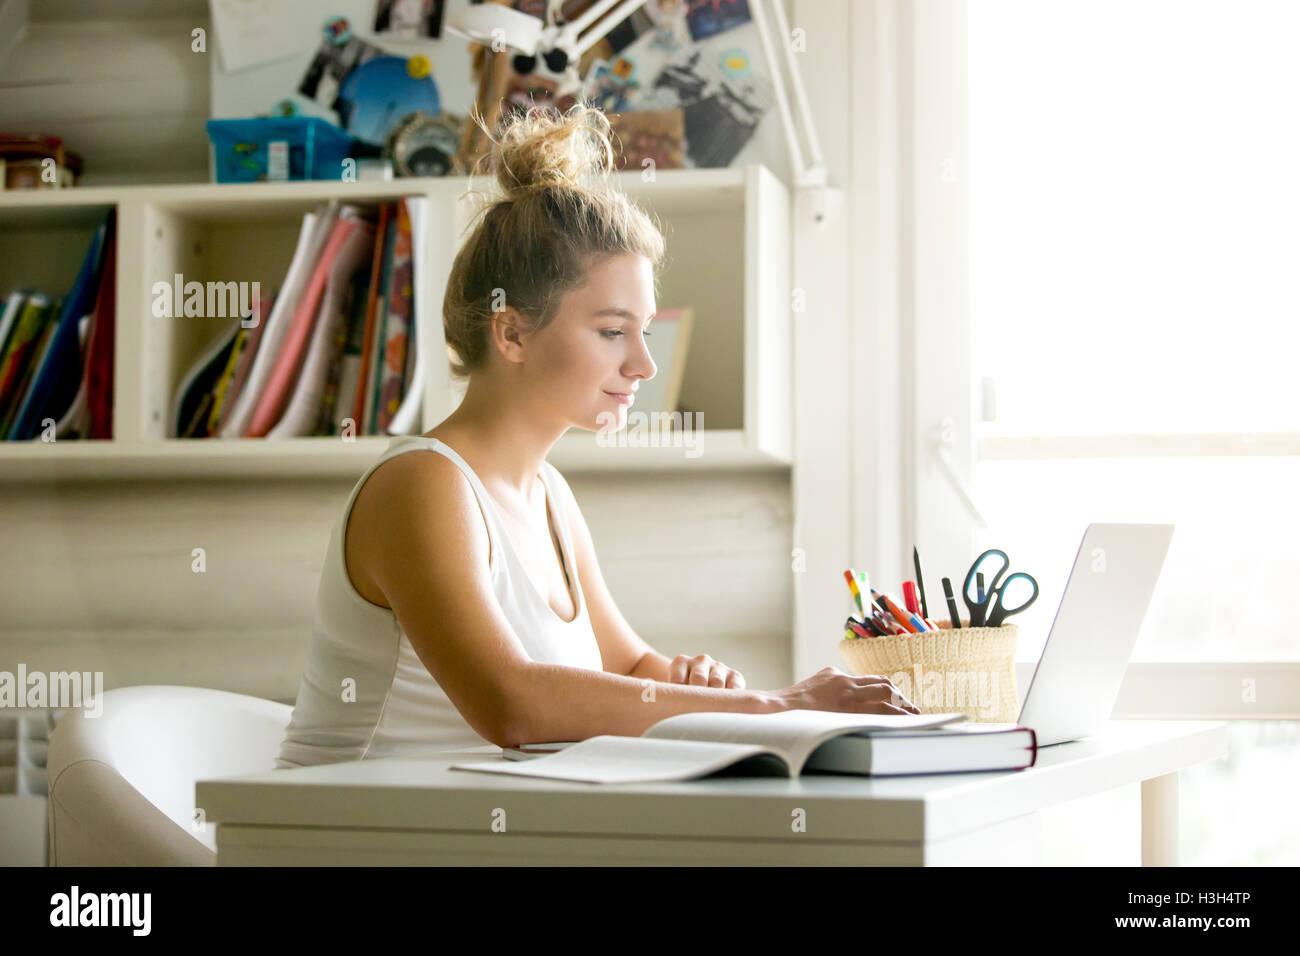 Junge Frau im gemütlichen Heim-Büro Stockbild